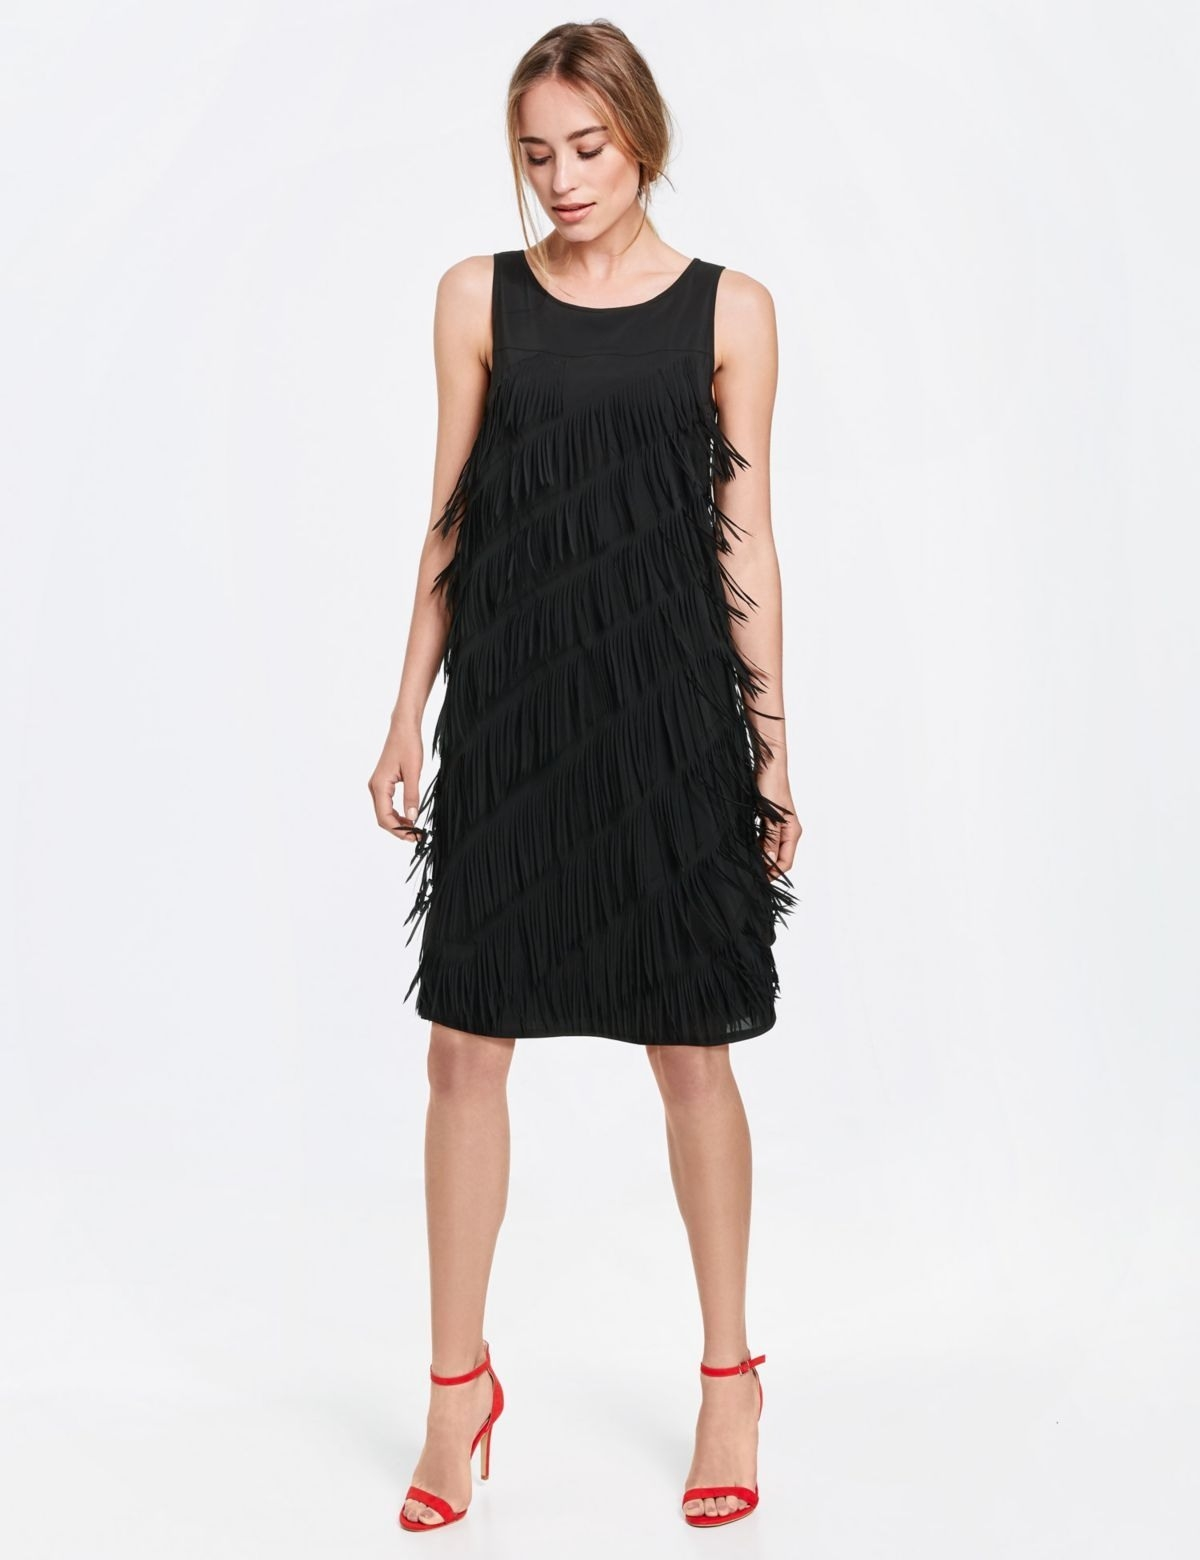 Designer Ausgezeichnet Kleid Mit Fransen DesignAbend Schön Kleid Mit Fransen Galerie